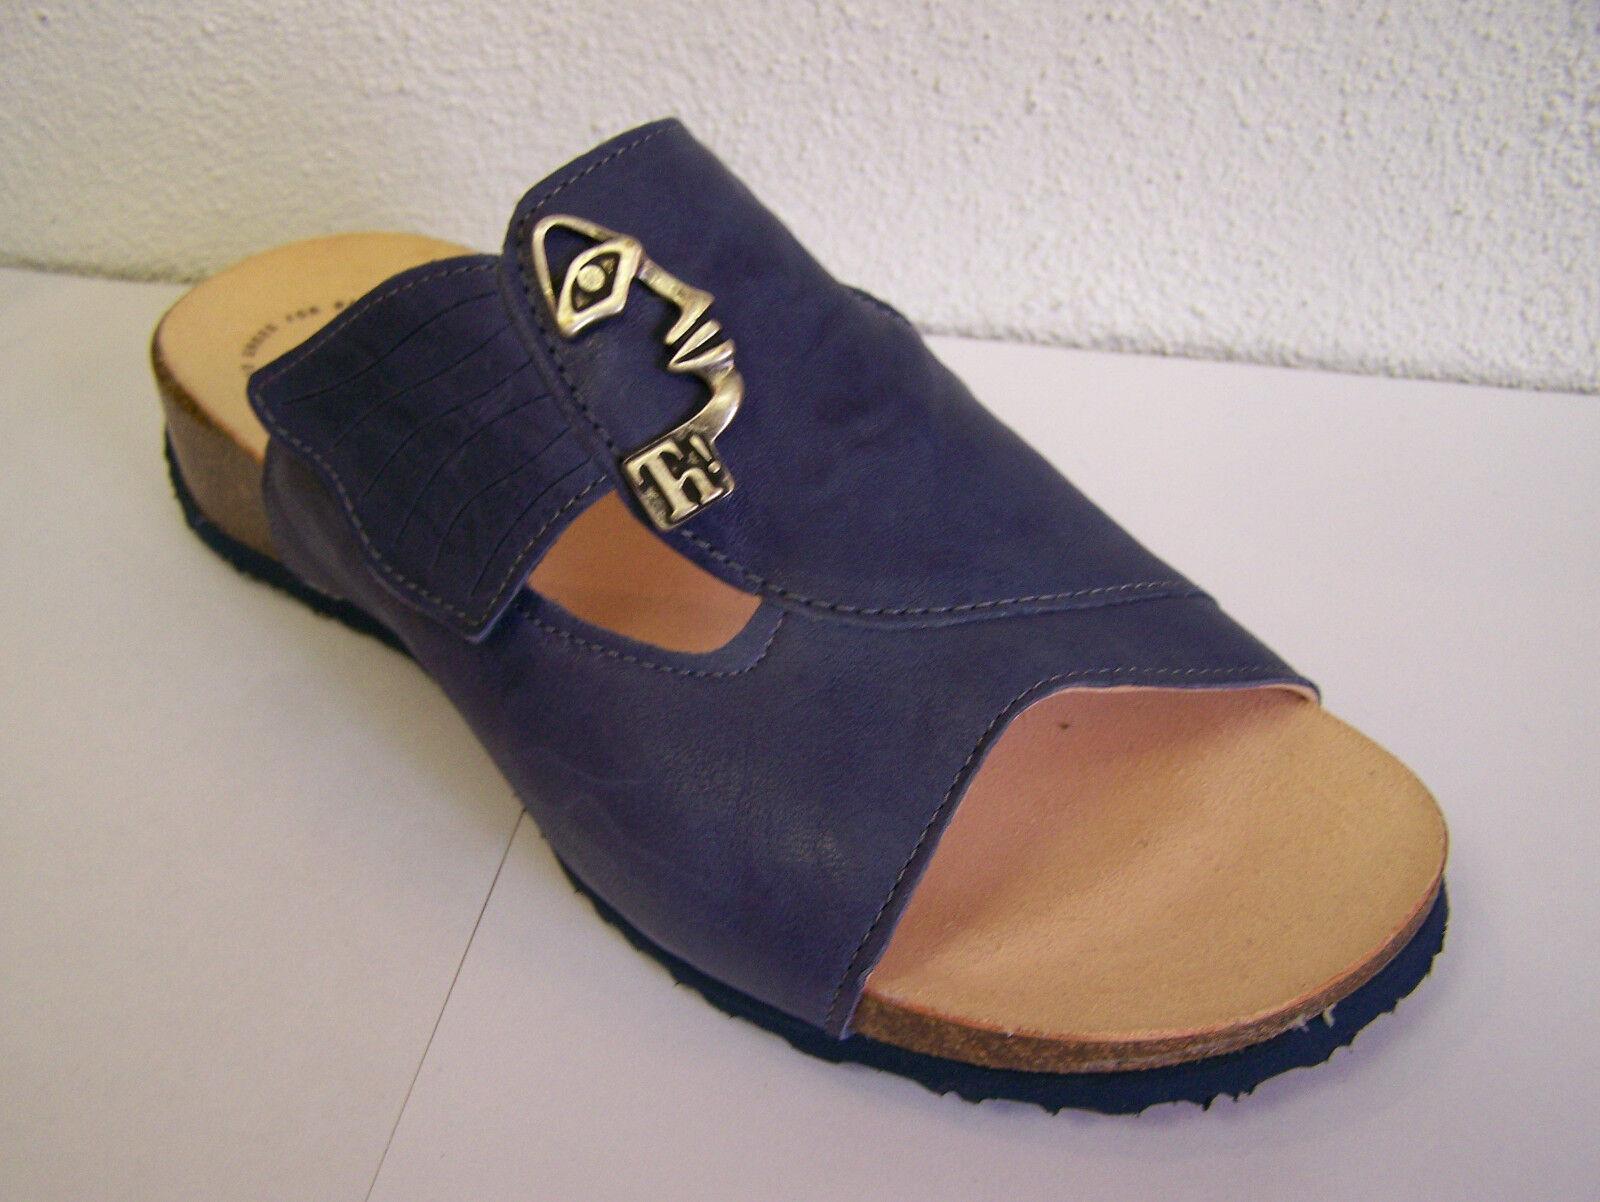 Tänk på Sandal Model Mizzi Jeans Combi Klettverschl.inkl. Klettverschl.inkl. Klettverschl.inkl. tankepåse av papper  välkommen att beställa